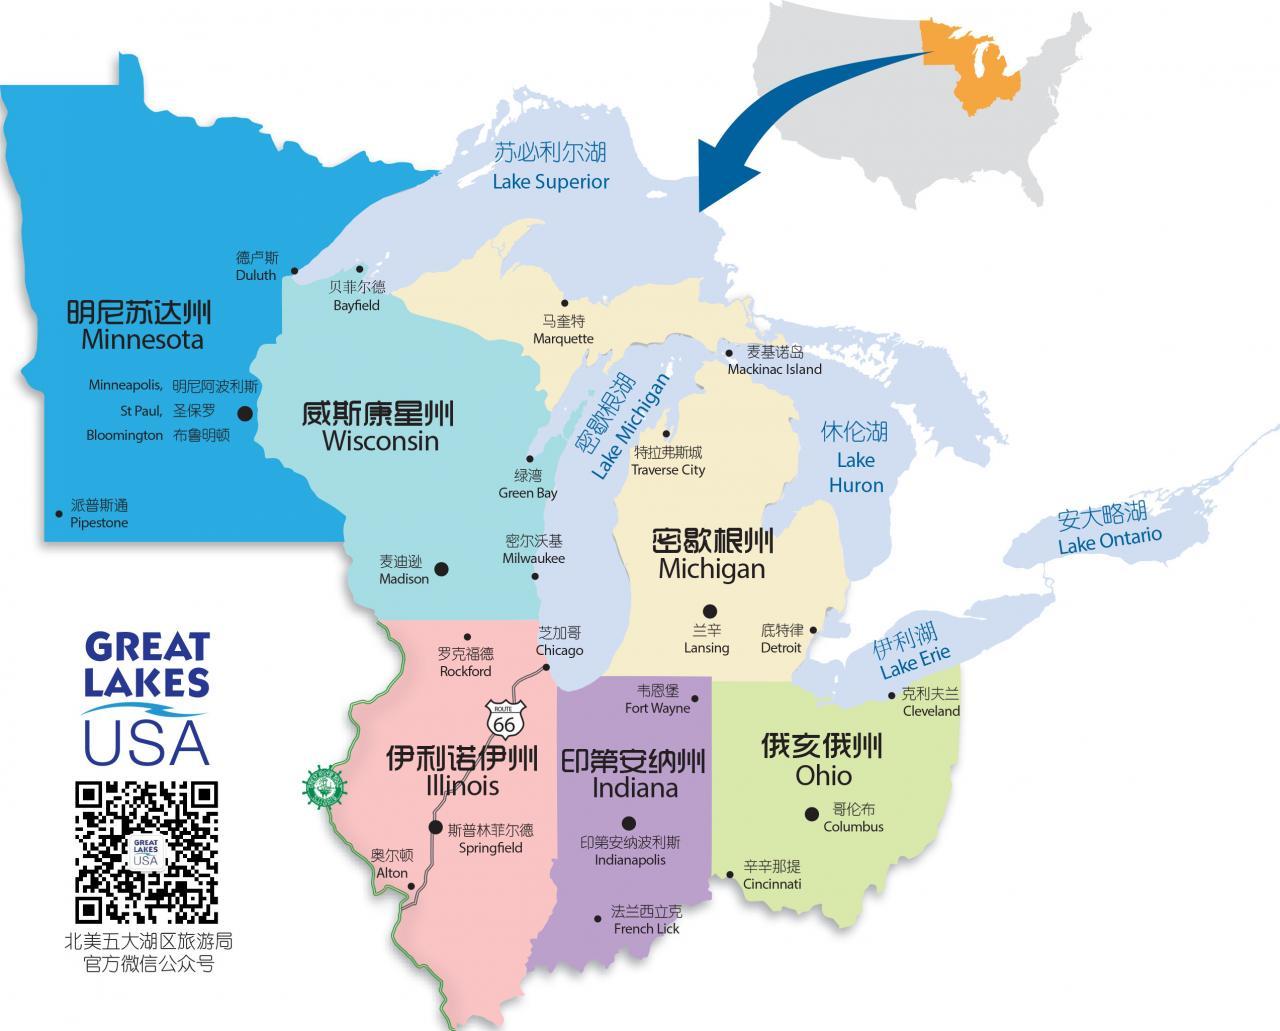 《芝加哥之五大湖旅行指南》